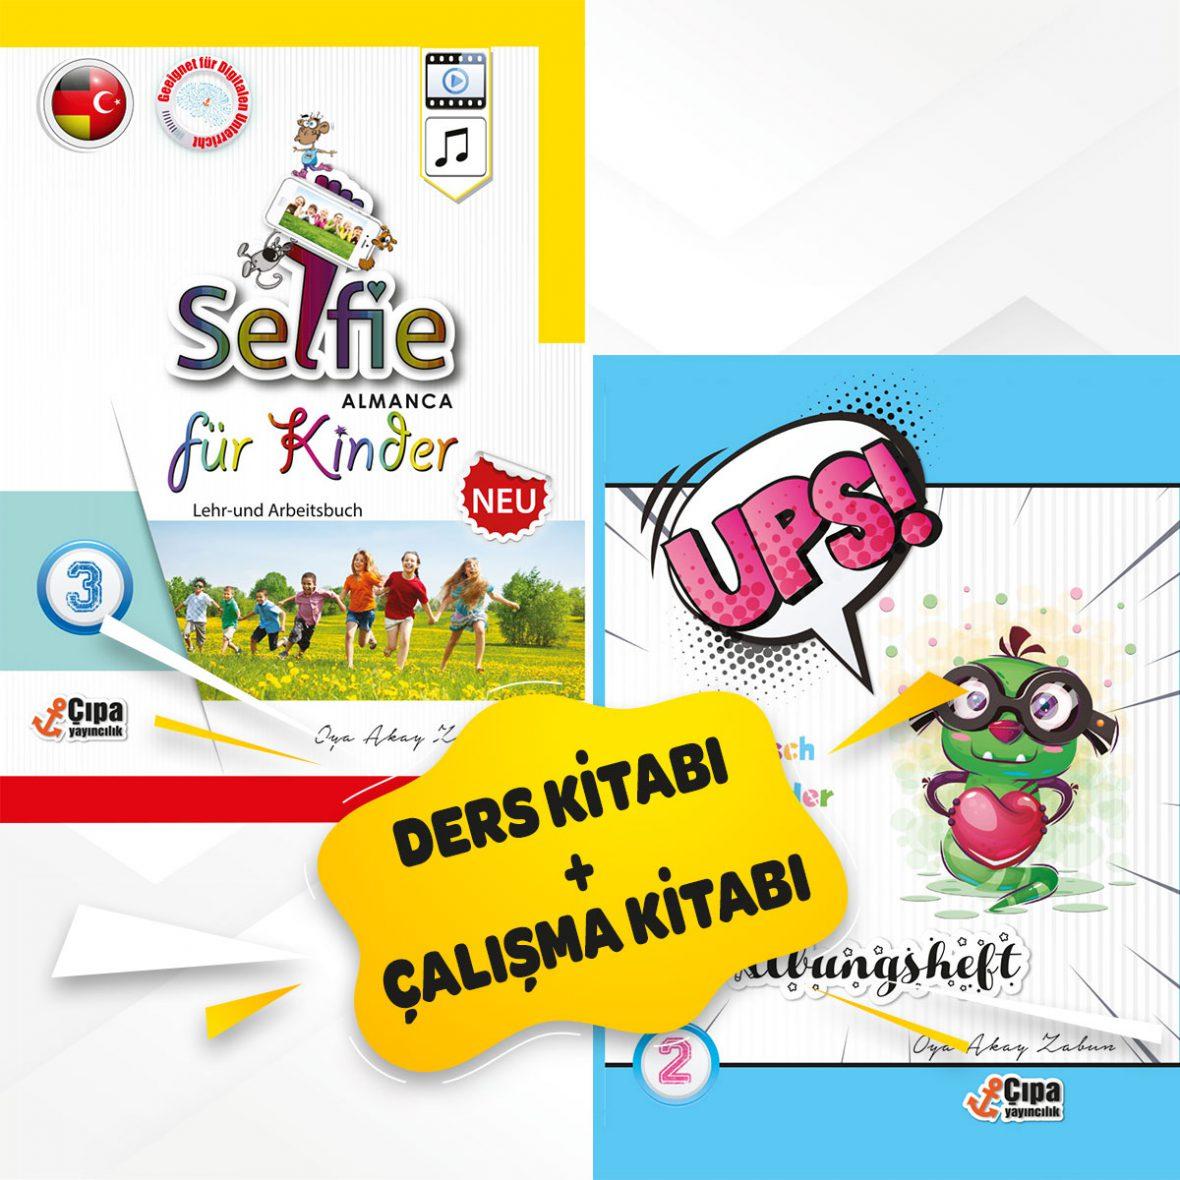 Selfie Almanca Für Kinder 3  Neu+ Ups! 2